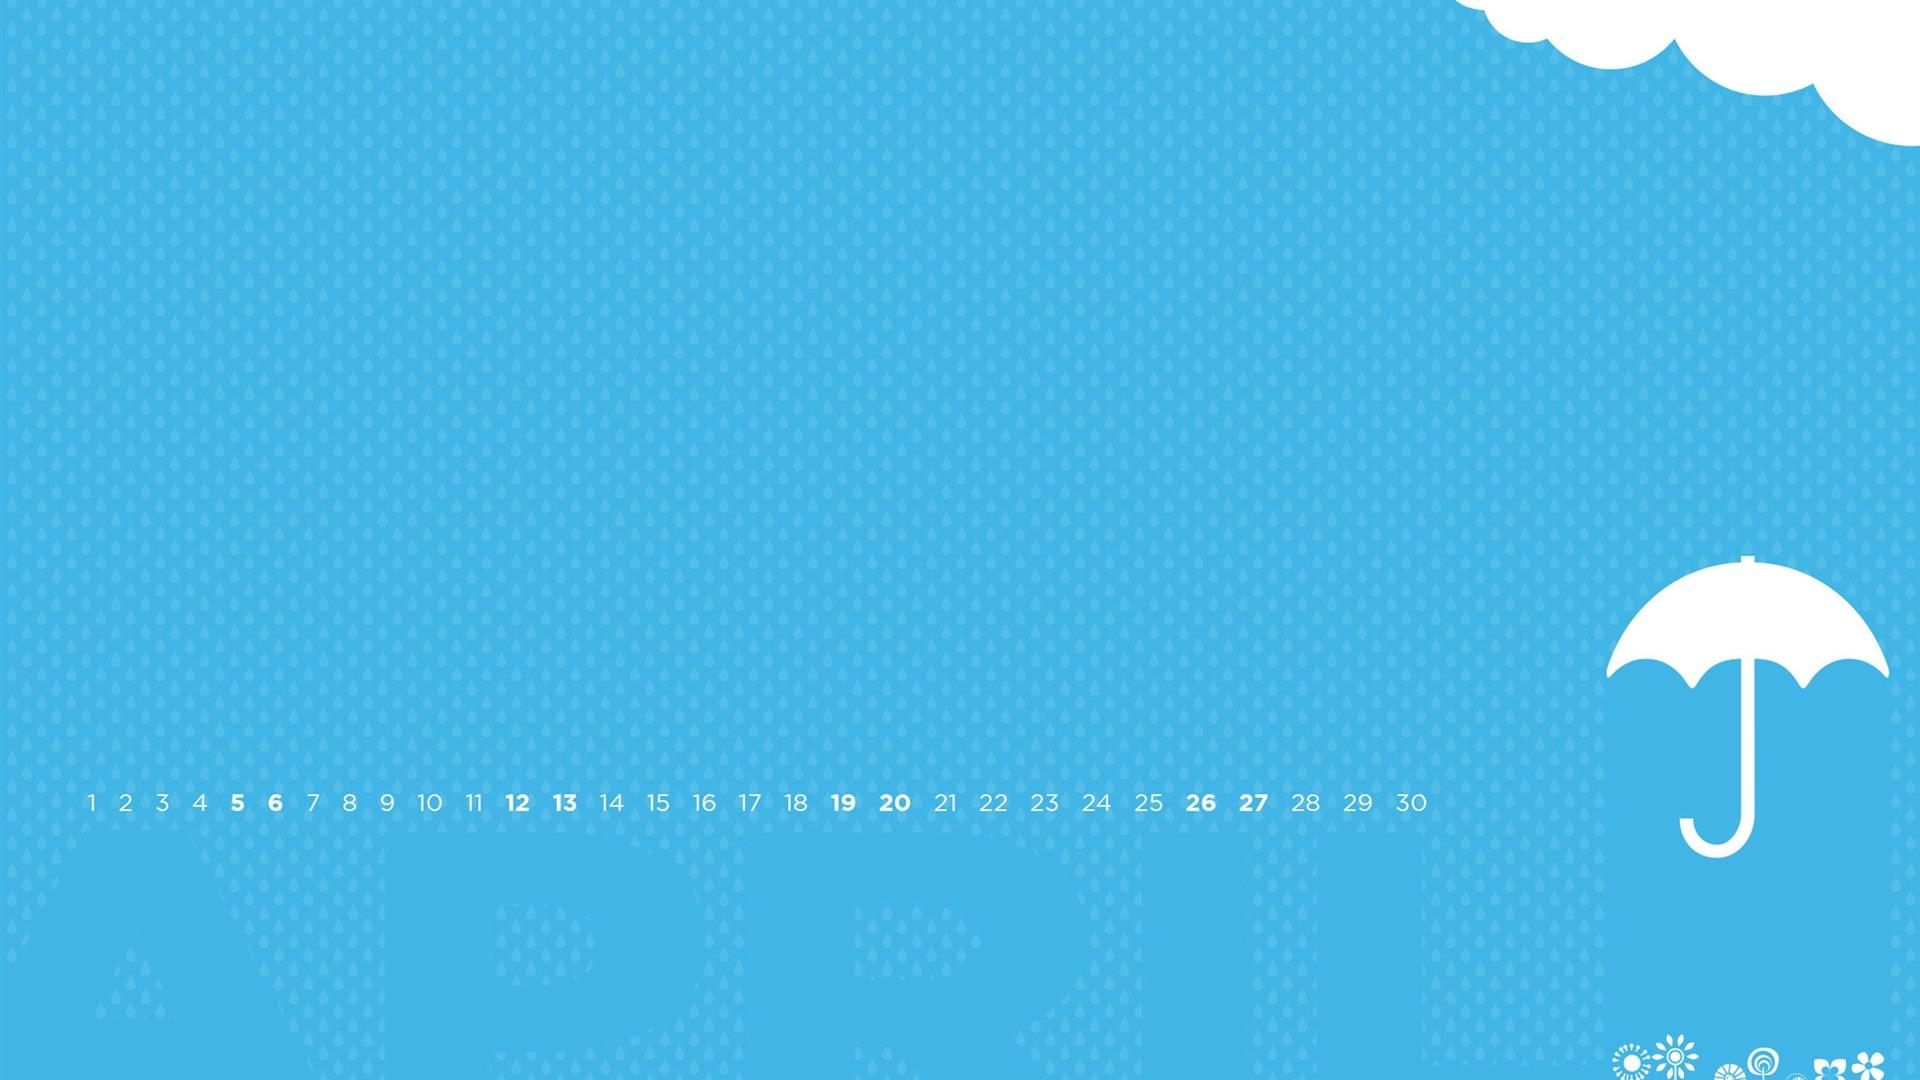 April Showers April 2014 Calendar Wallpaper Preview 10wallpaper Com